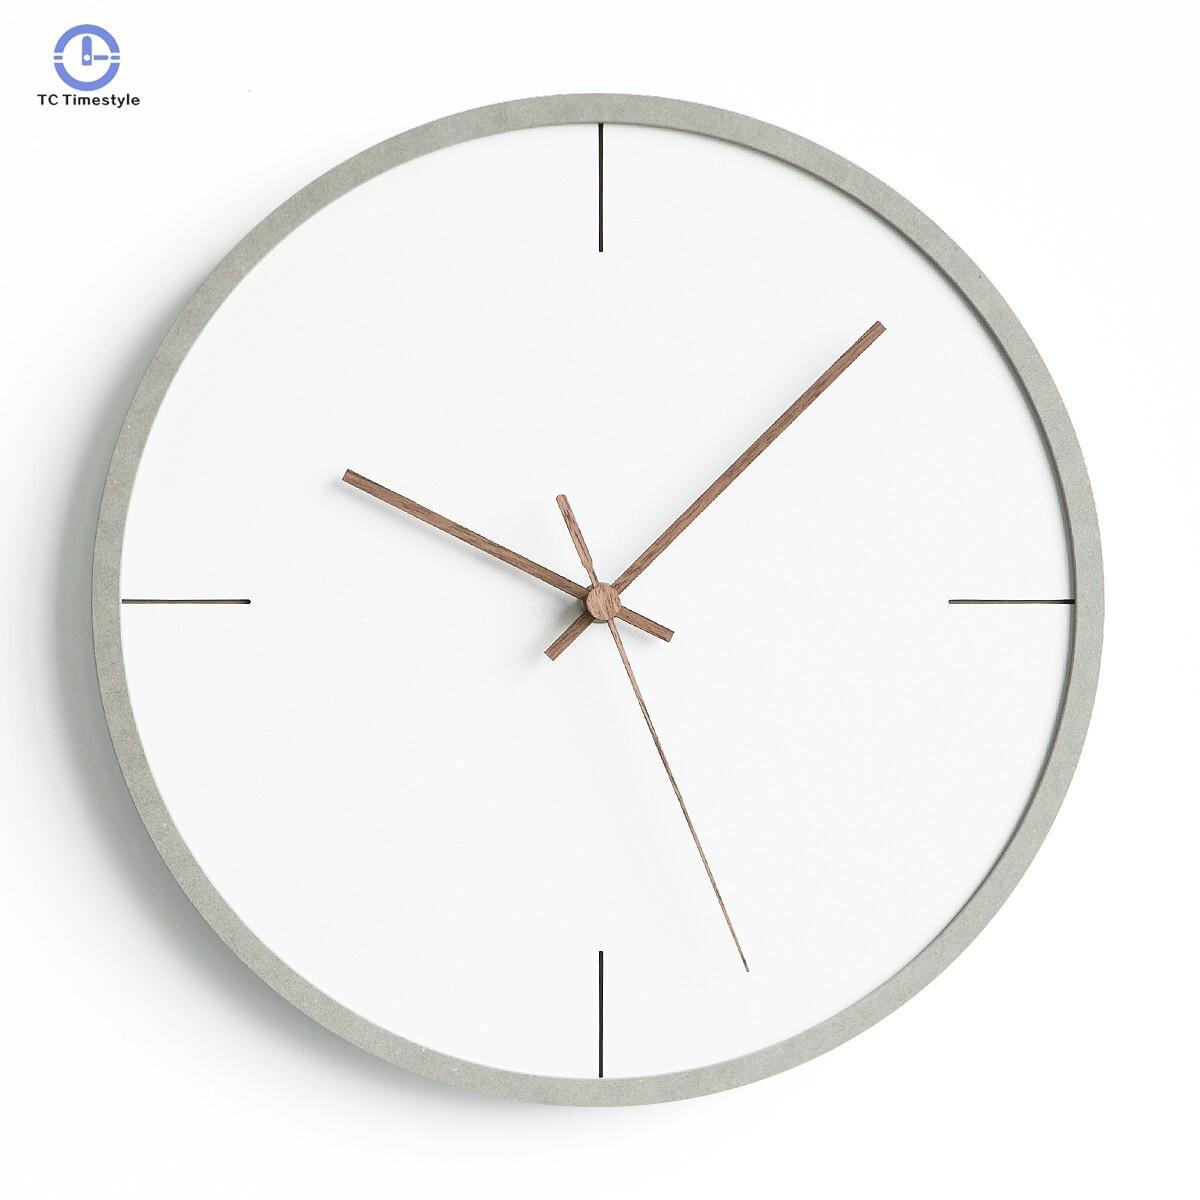 Horloge nordique créative mode horloges murales salon maison moderne minimaliste montres chambre personnalité muet suspendus montre-in Horloges murales from Maison & Animalerie    1